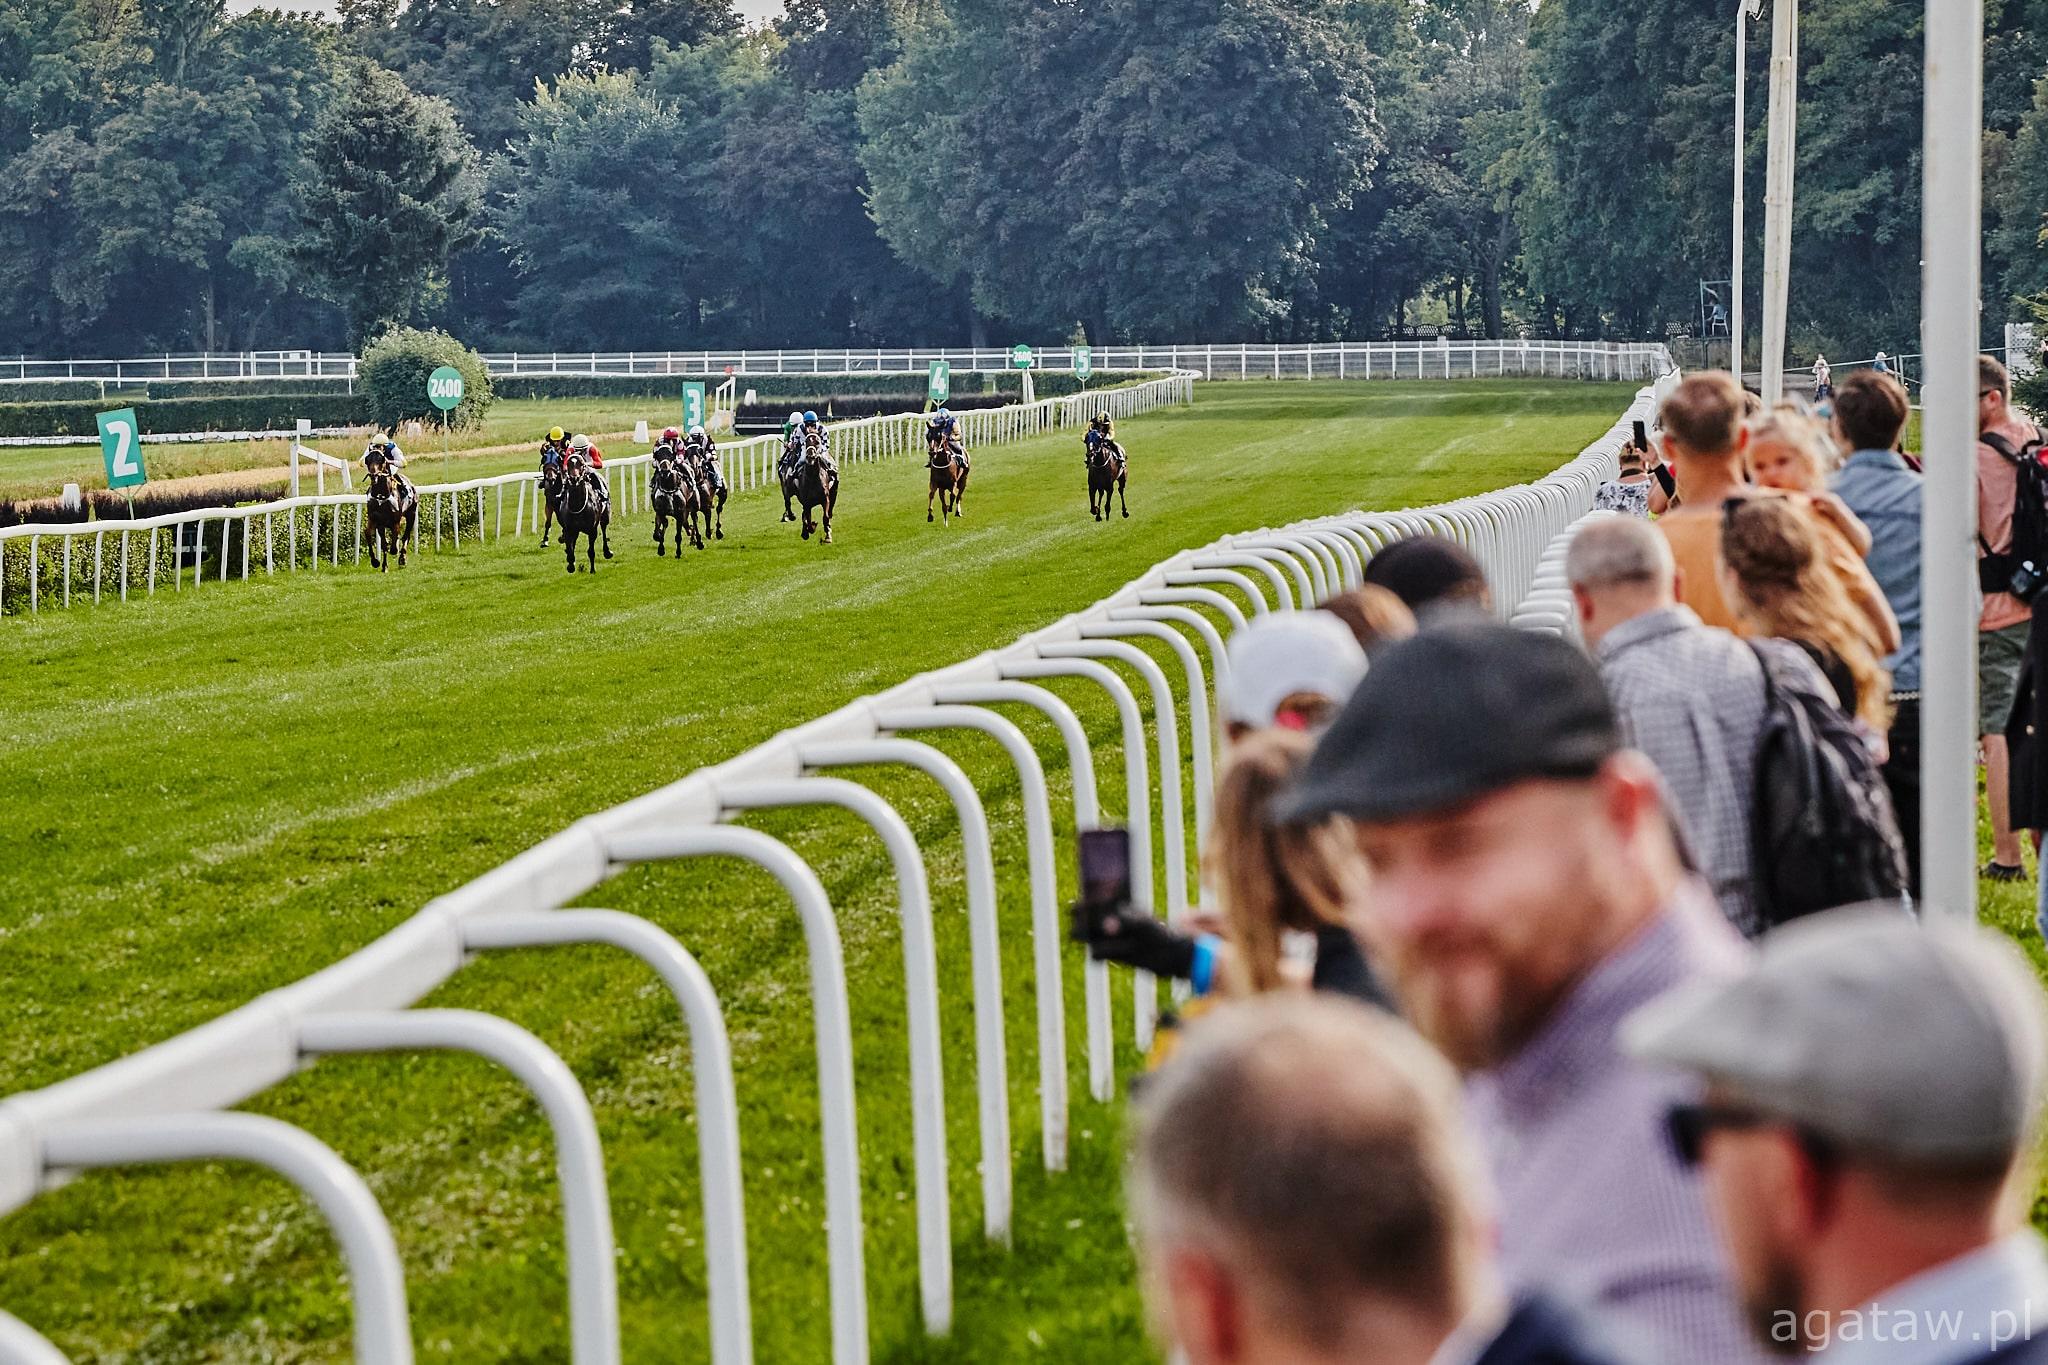 img: Wyścigowa sobota z partynickimi końmi